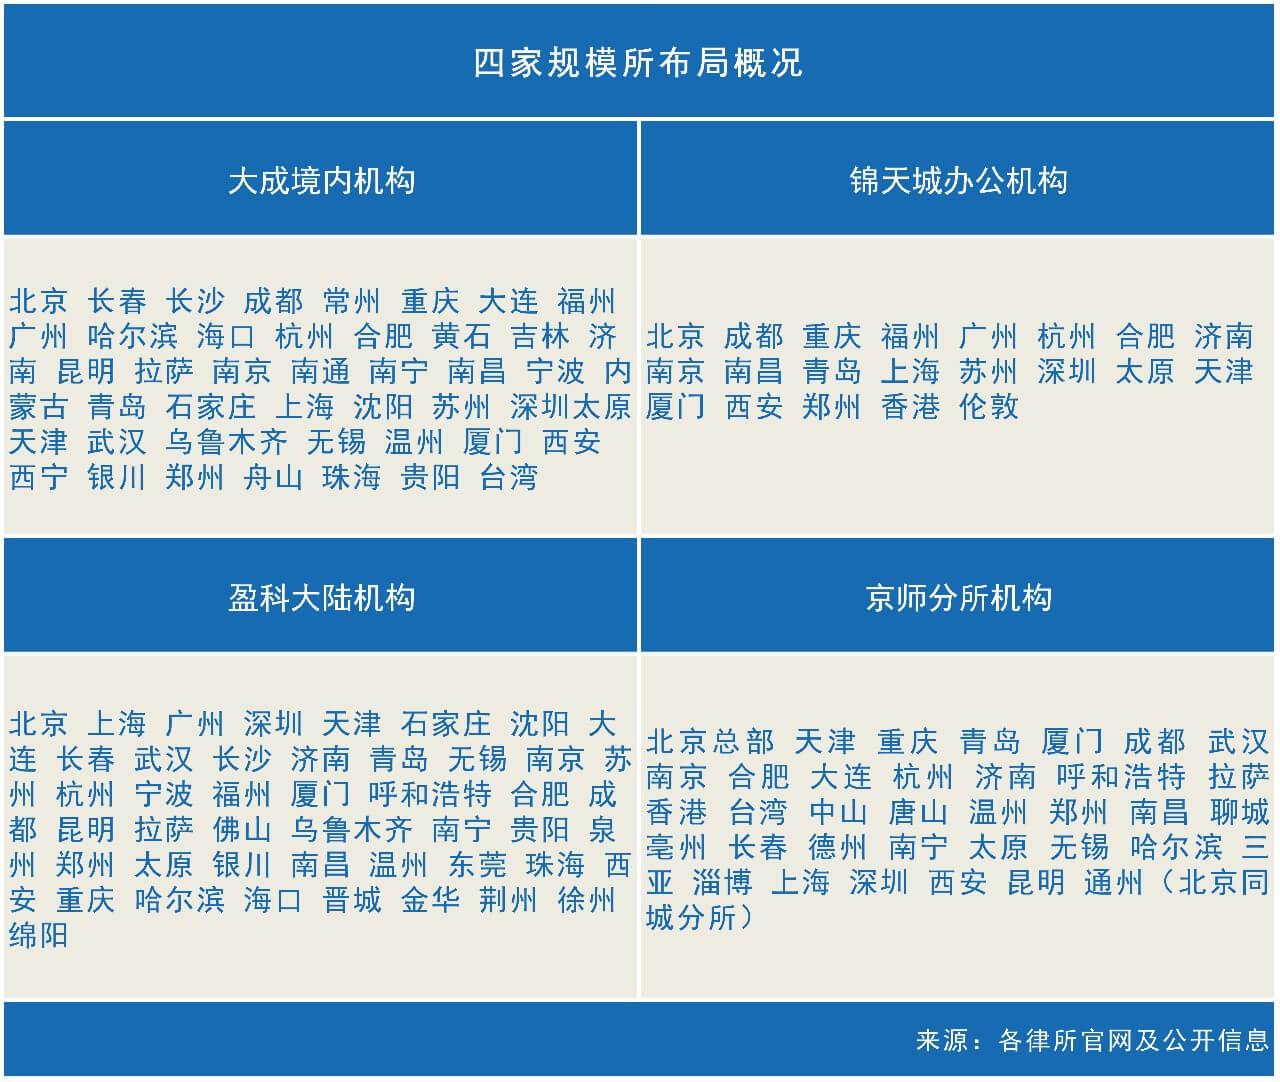 规模大所进军县域法律市场,能解决哪些问题?